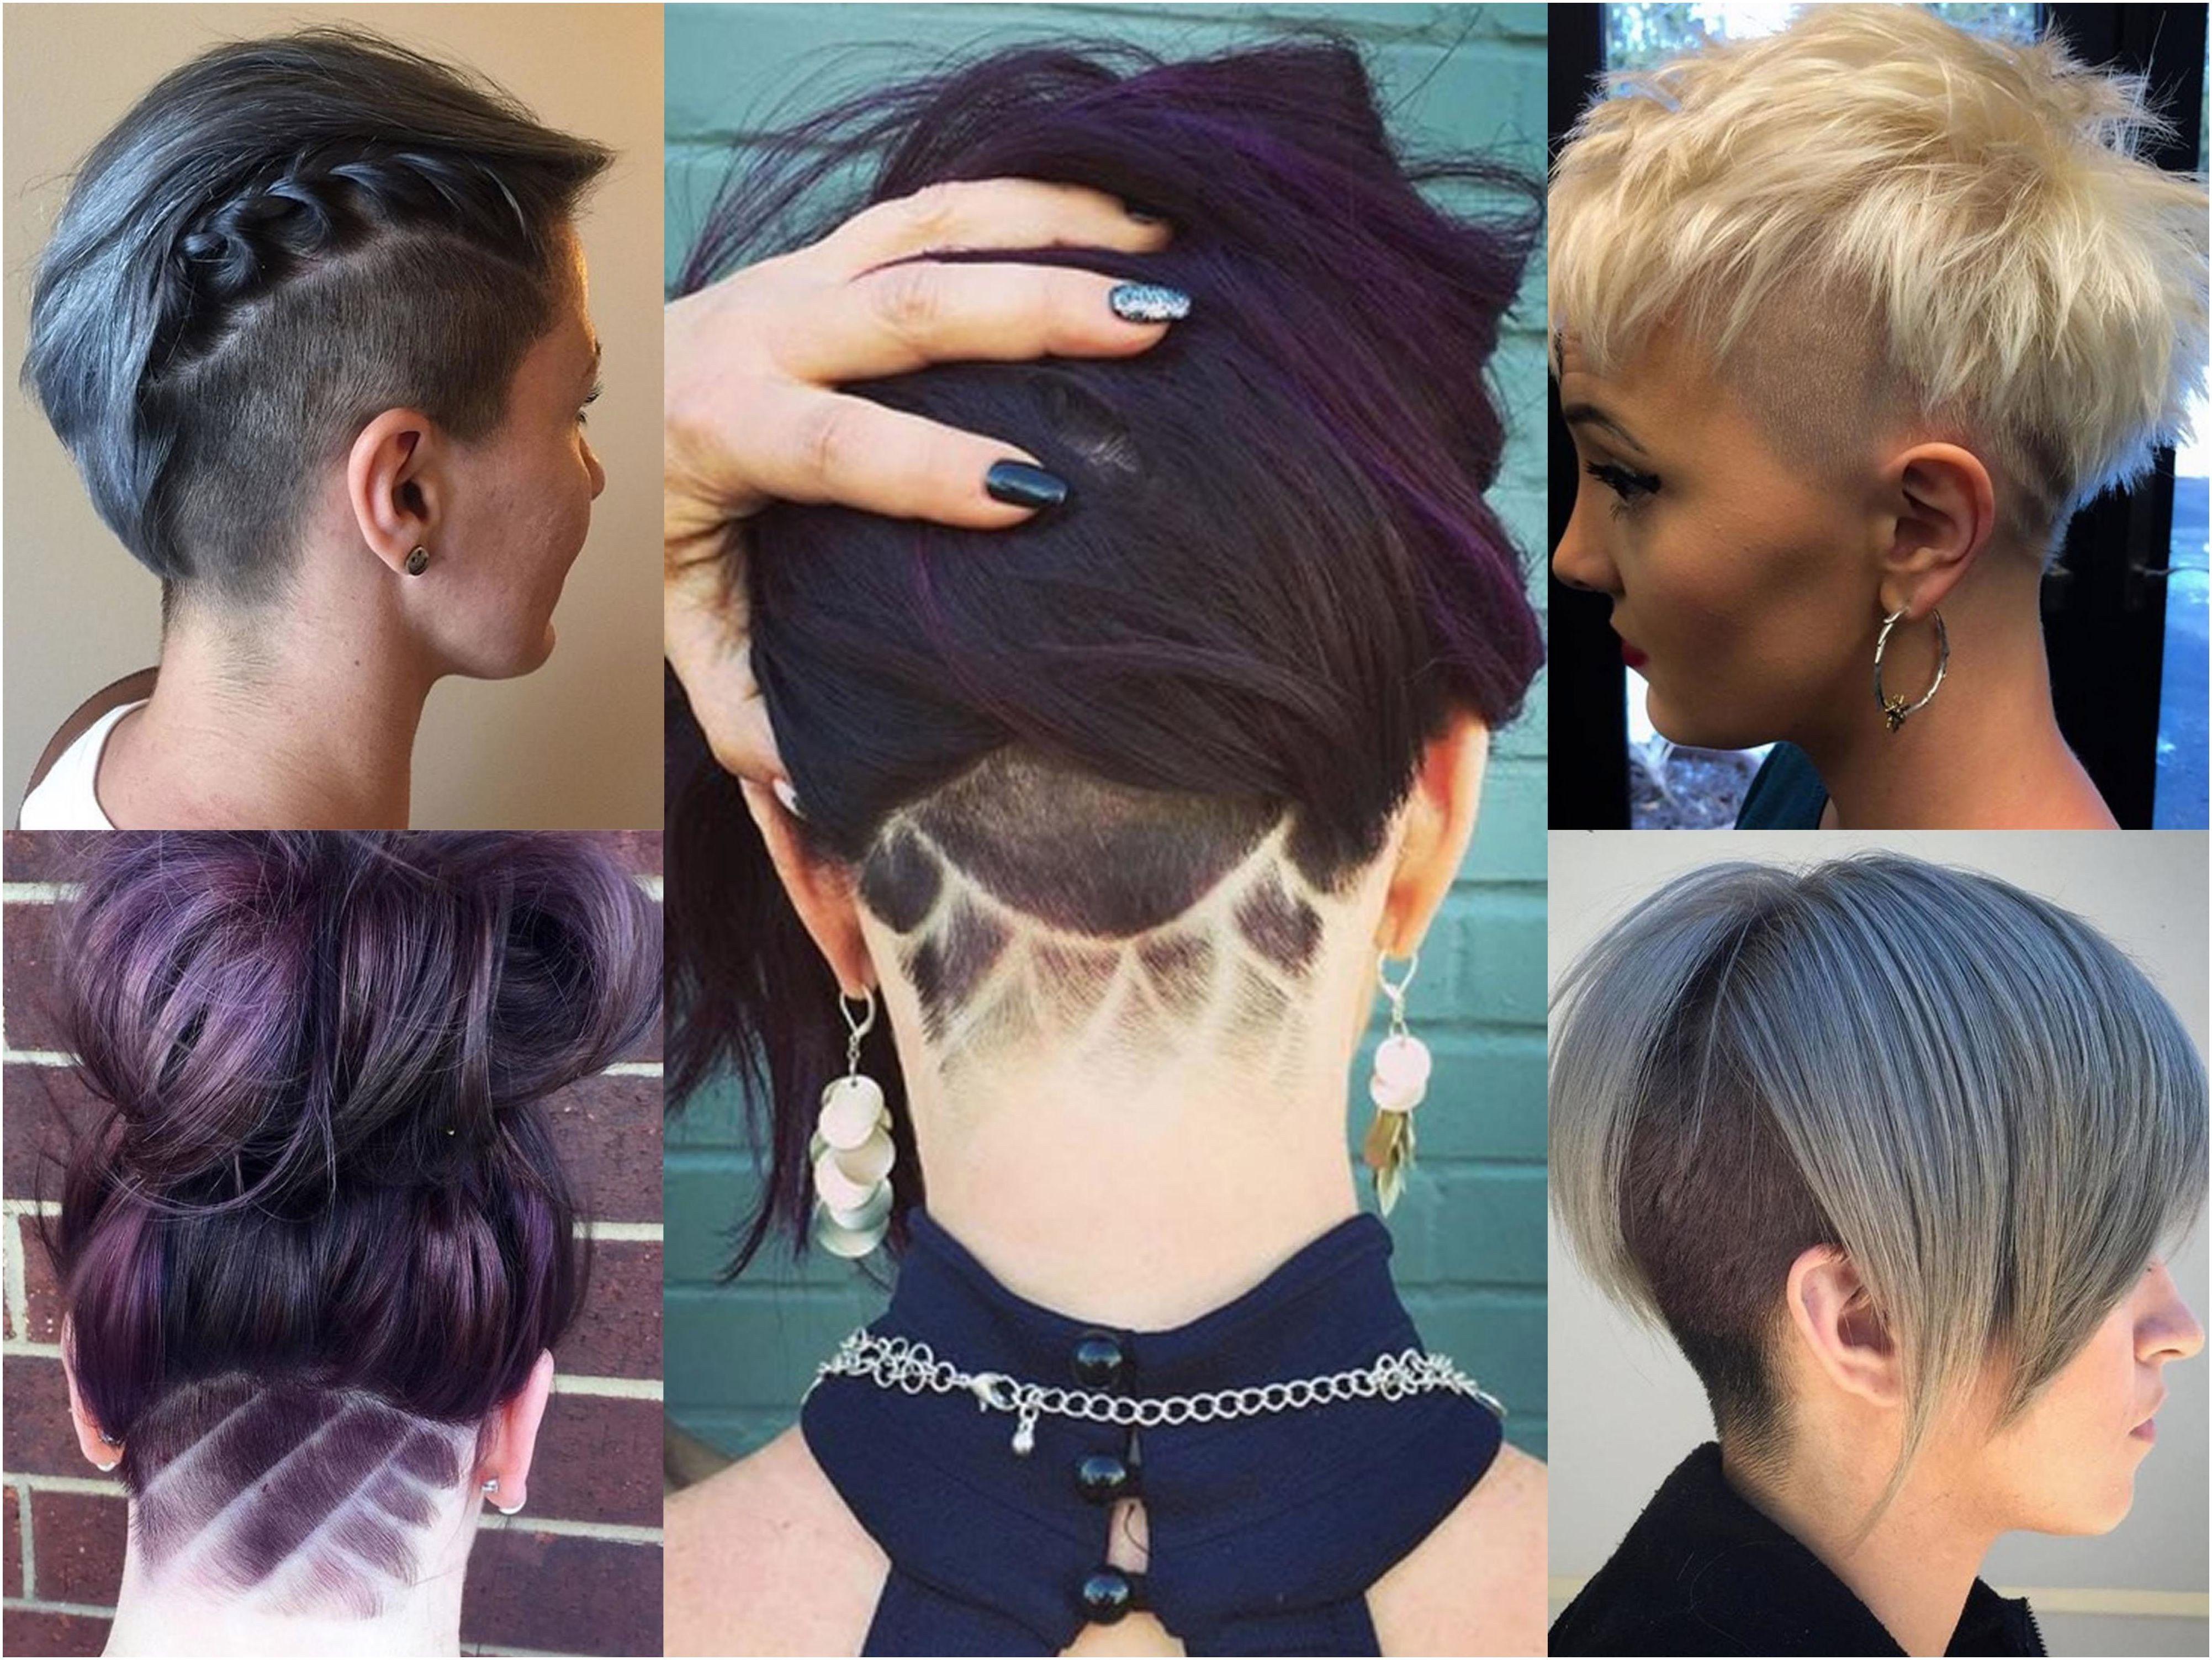 49+ Frisuren frauen cool Ideen im Jahr 2021